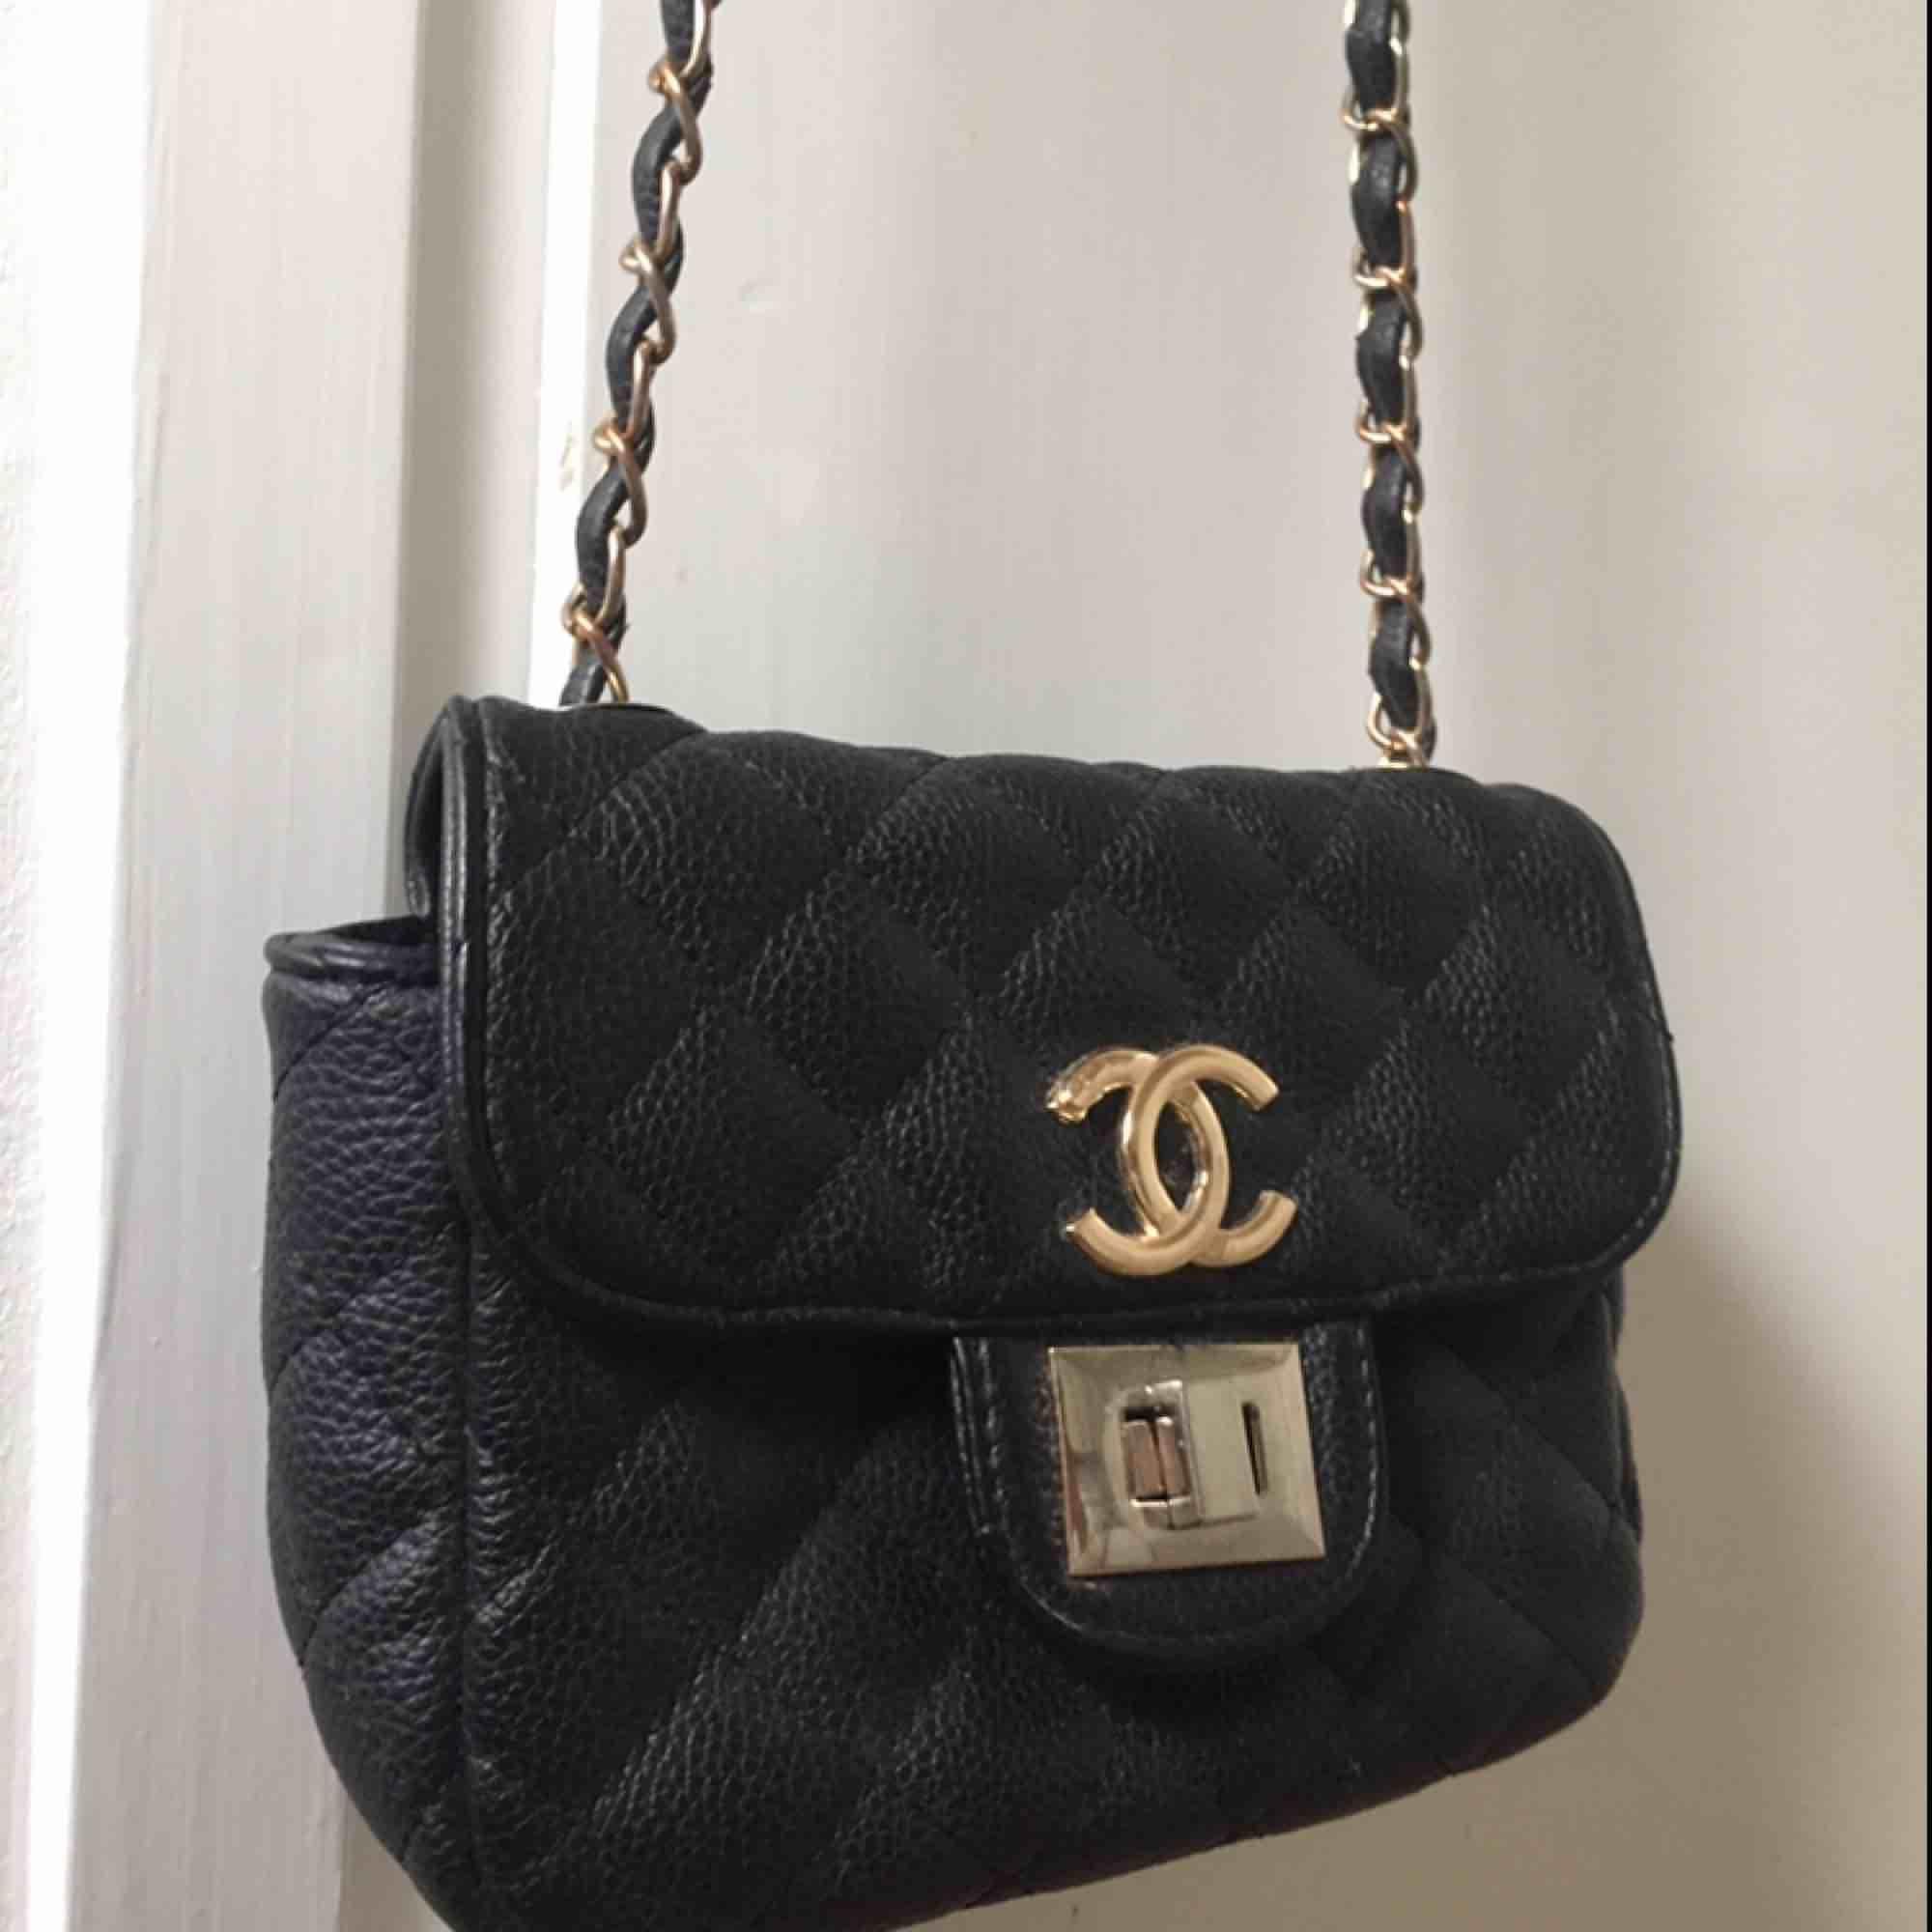 En liten supersöt Chanel väska med gulddetaljer! Rätt bra skick, repor på spännet men inget man ser från avstånd. Kopia . Accessoarer.